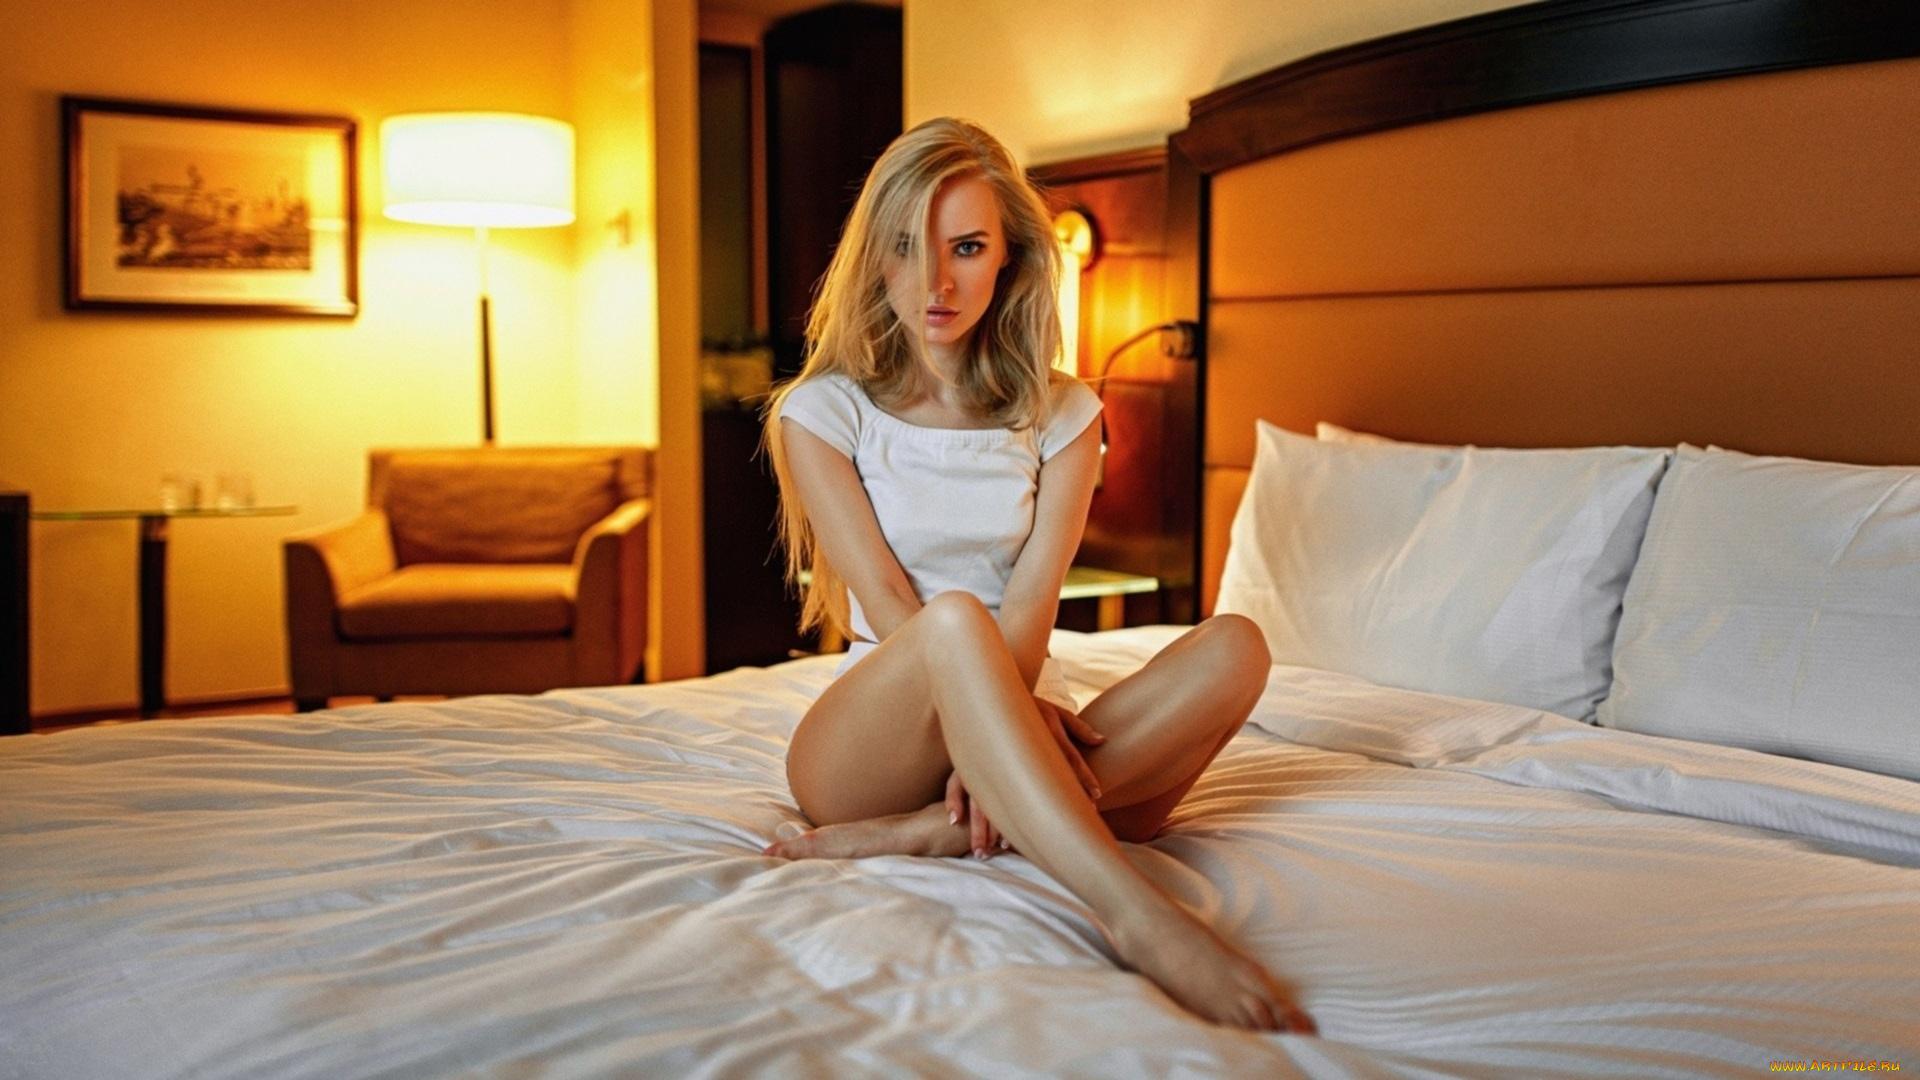 одним росчерком продолжение вечера с красивой блондинкой что послушалась мудрого